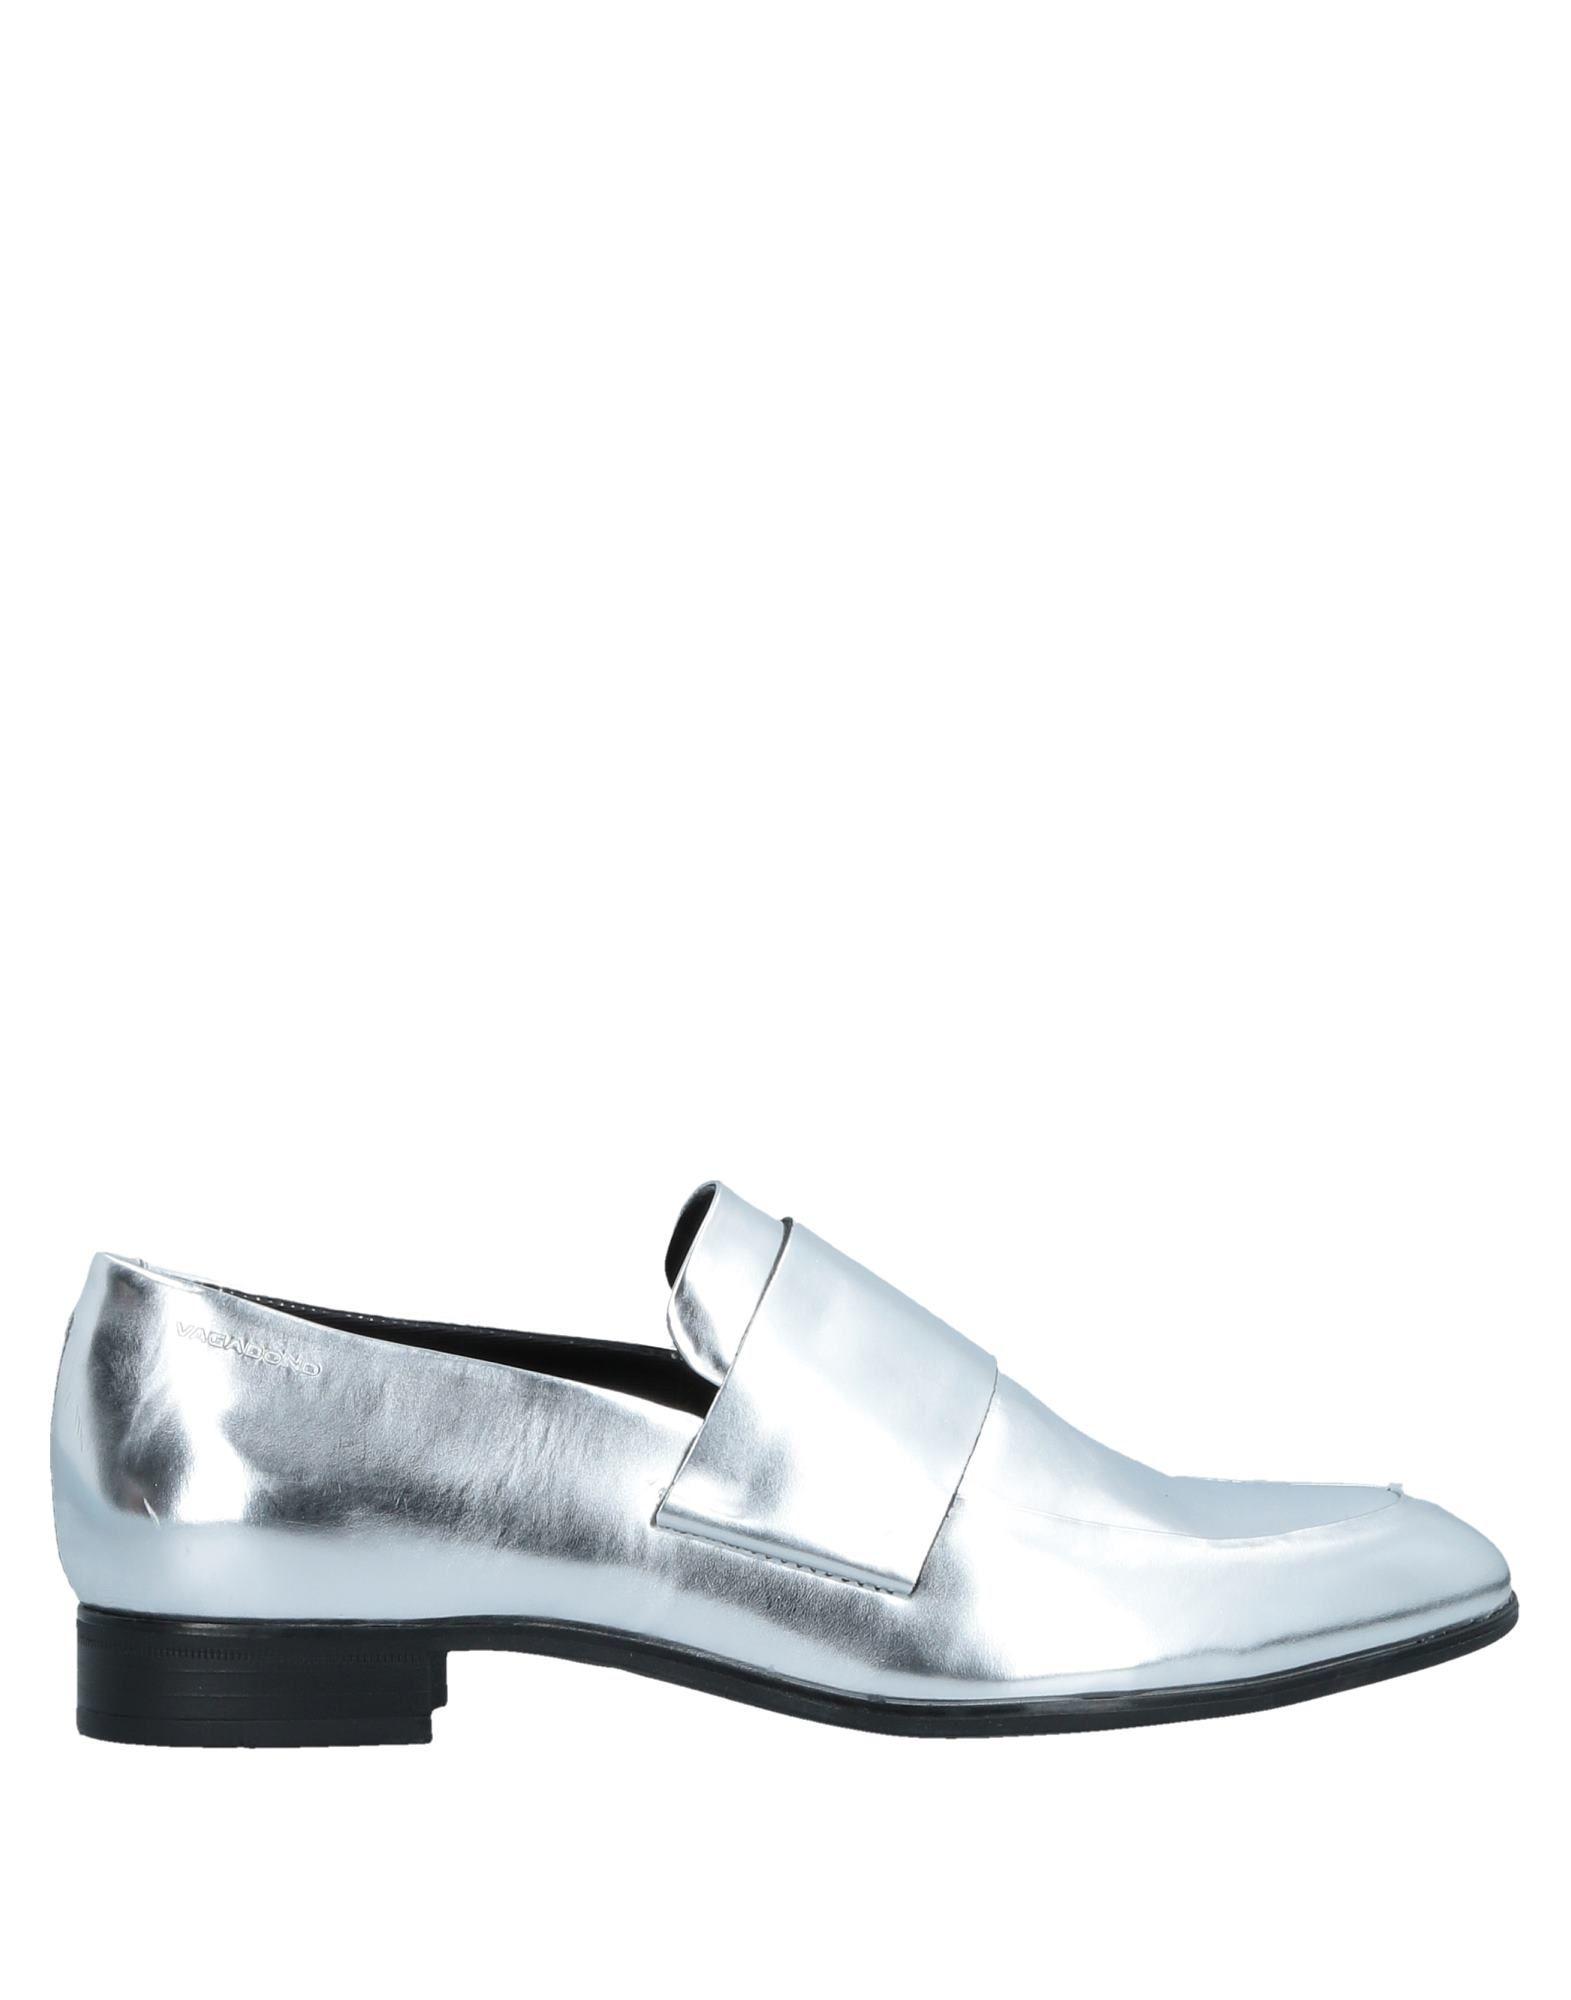 VAGABOND SHOEMAKERS Мокасины vagabond shoemakers туфли